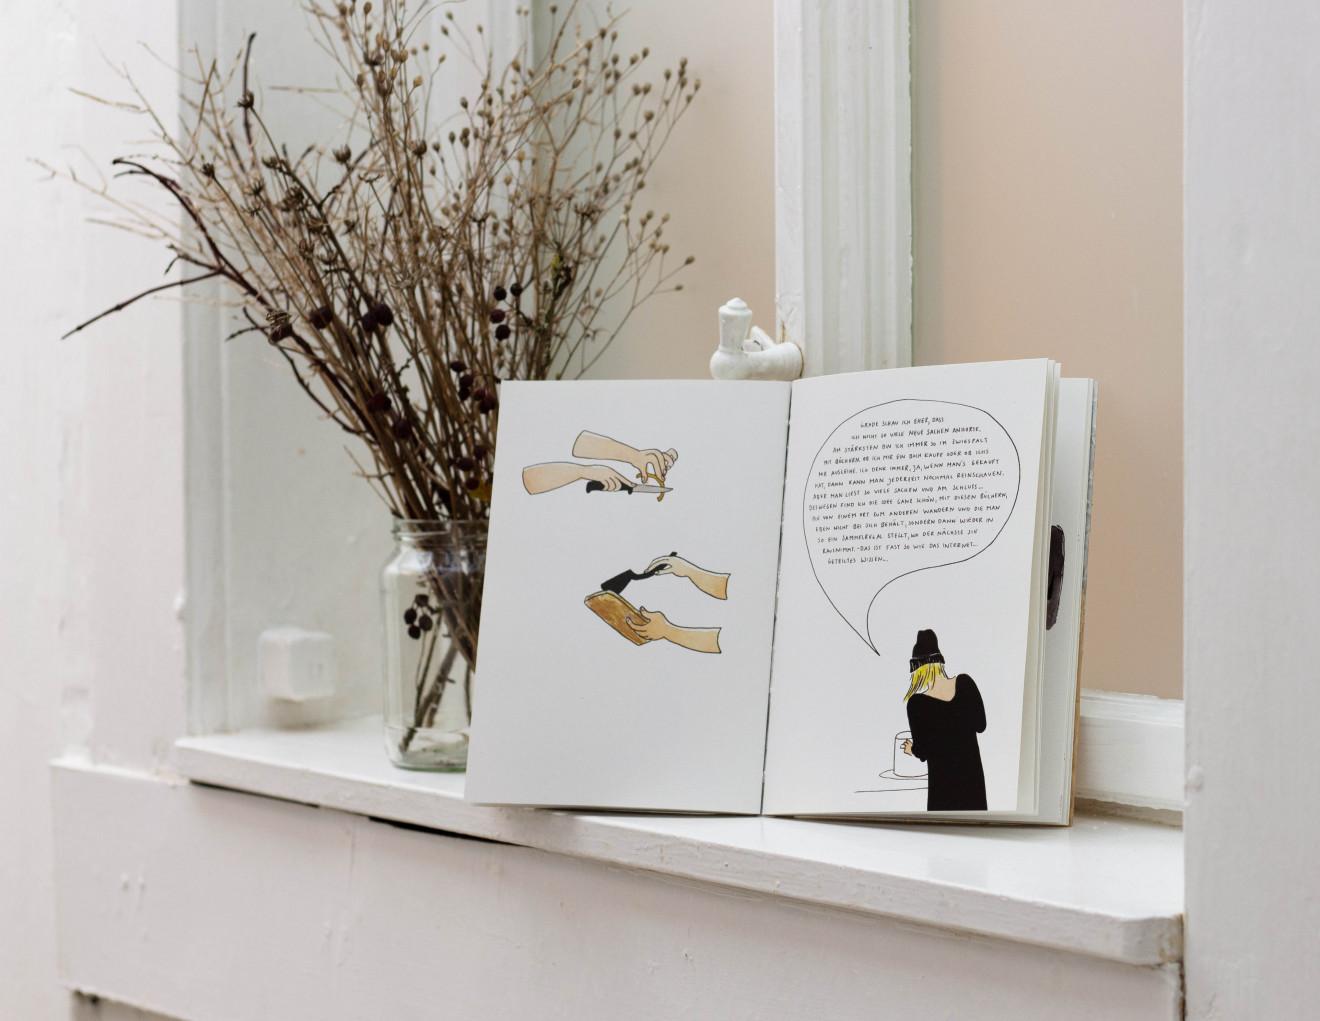 Geöffnetes Buch auf einem Fensterbrett.